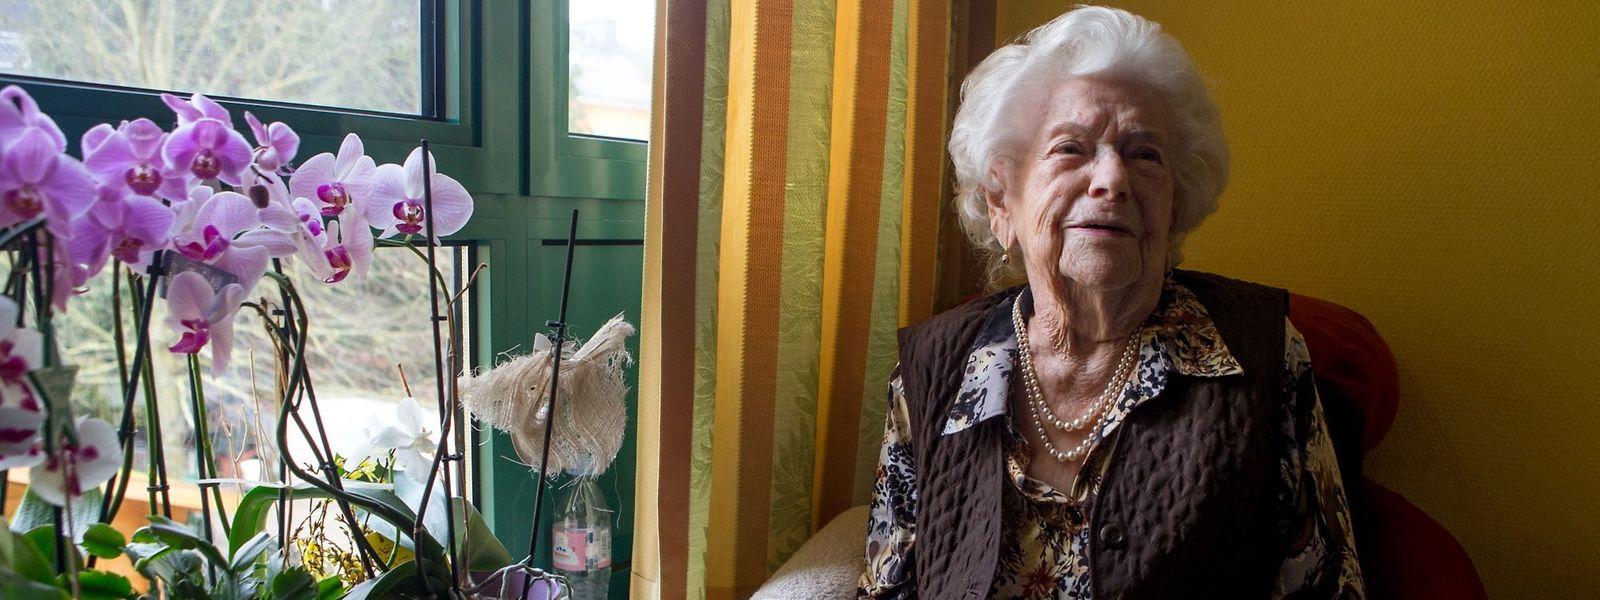 Die 108-jährige Barbara Schiltz-Jung lebte bis im Alter von 102 Jahren zuhause.